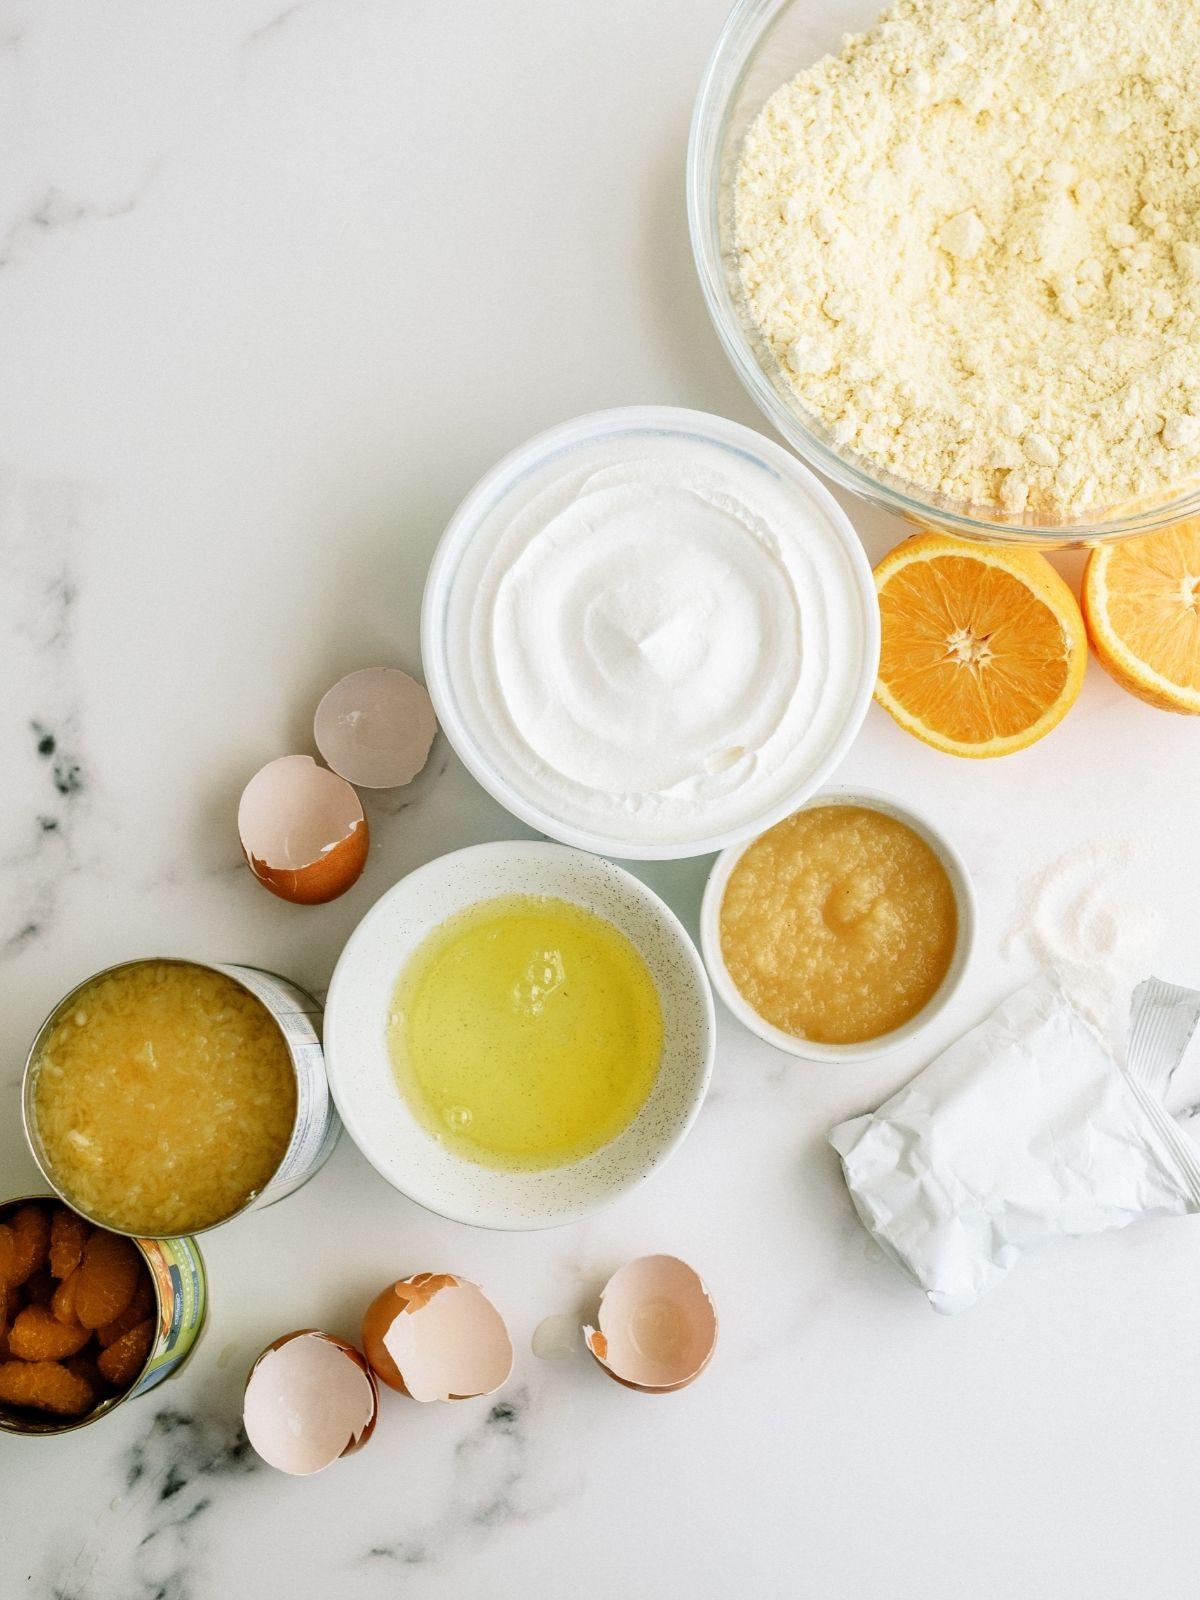 Ingredients for Pineapple Orange Cake Recipe (Pig Pickin' Cake)